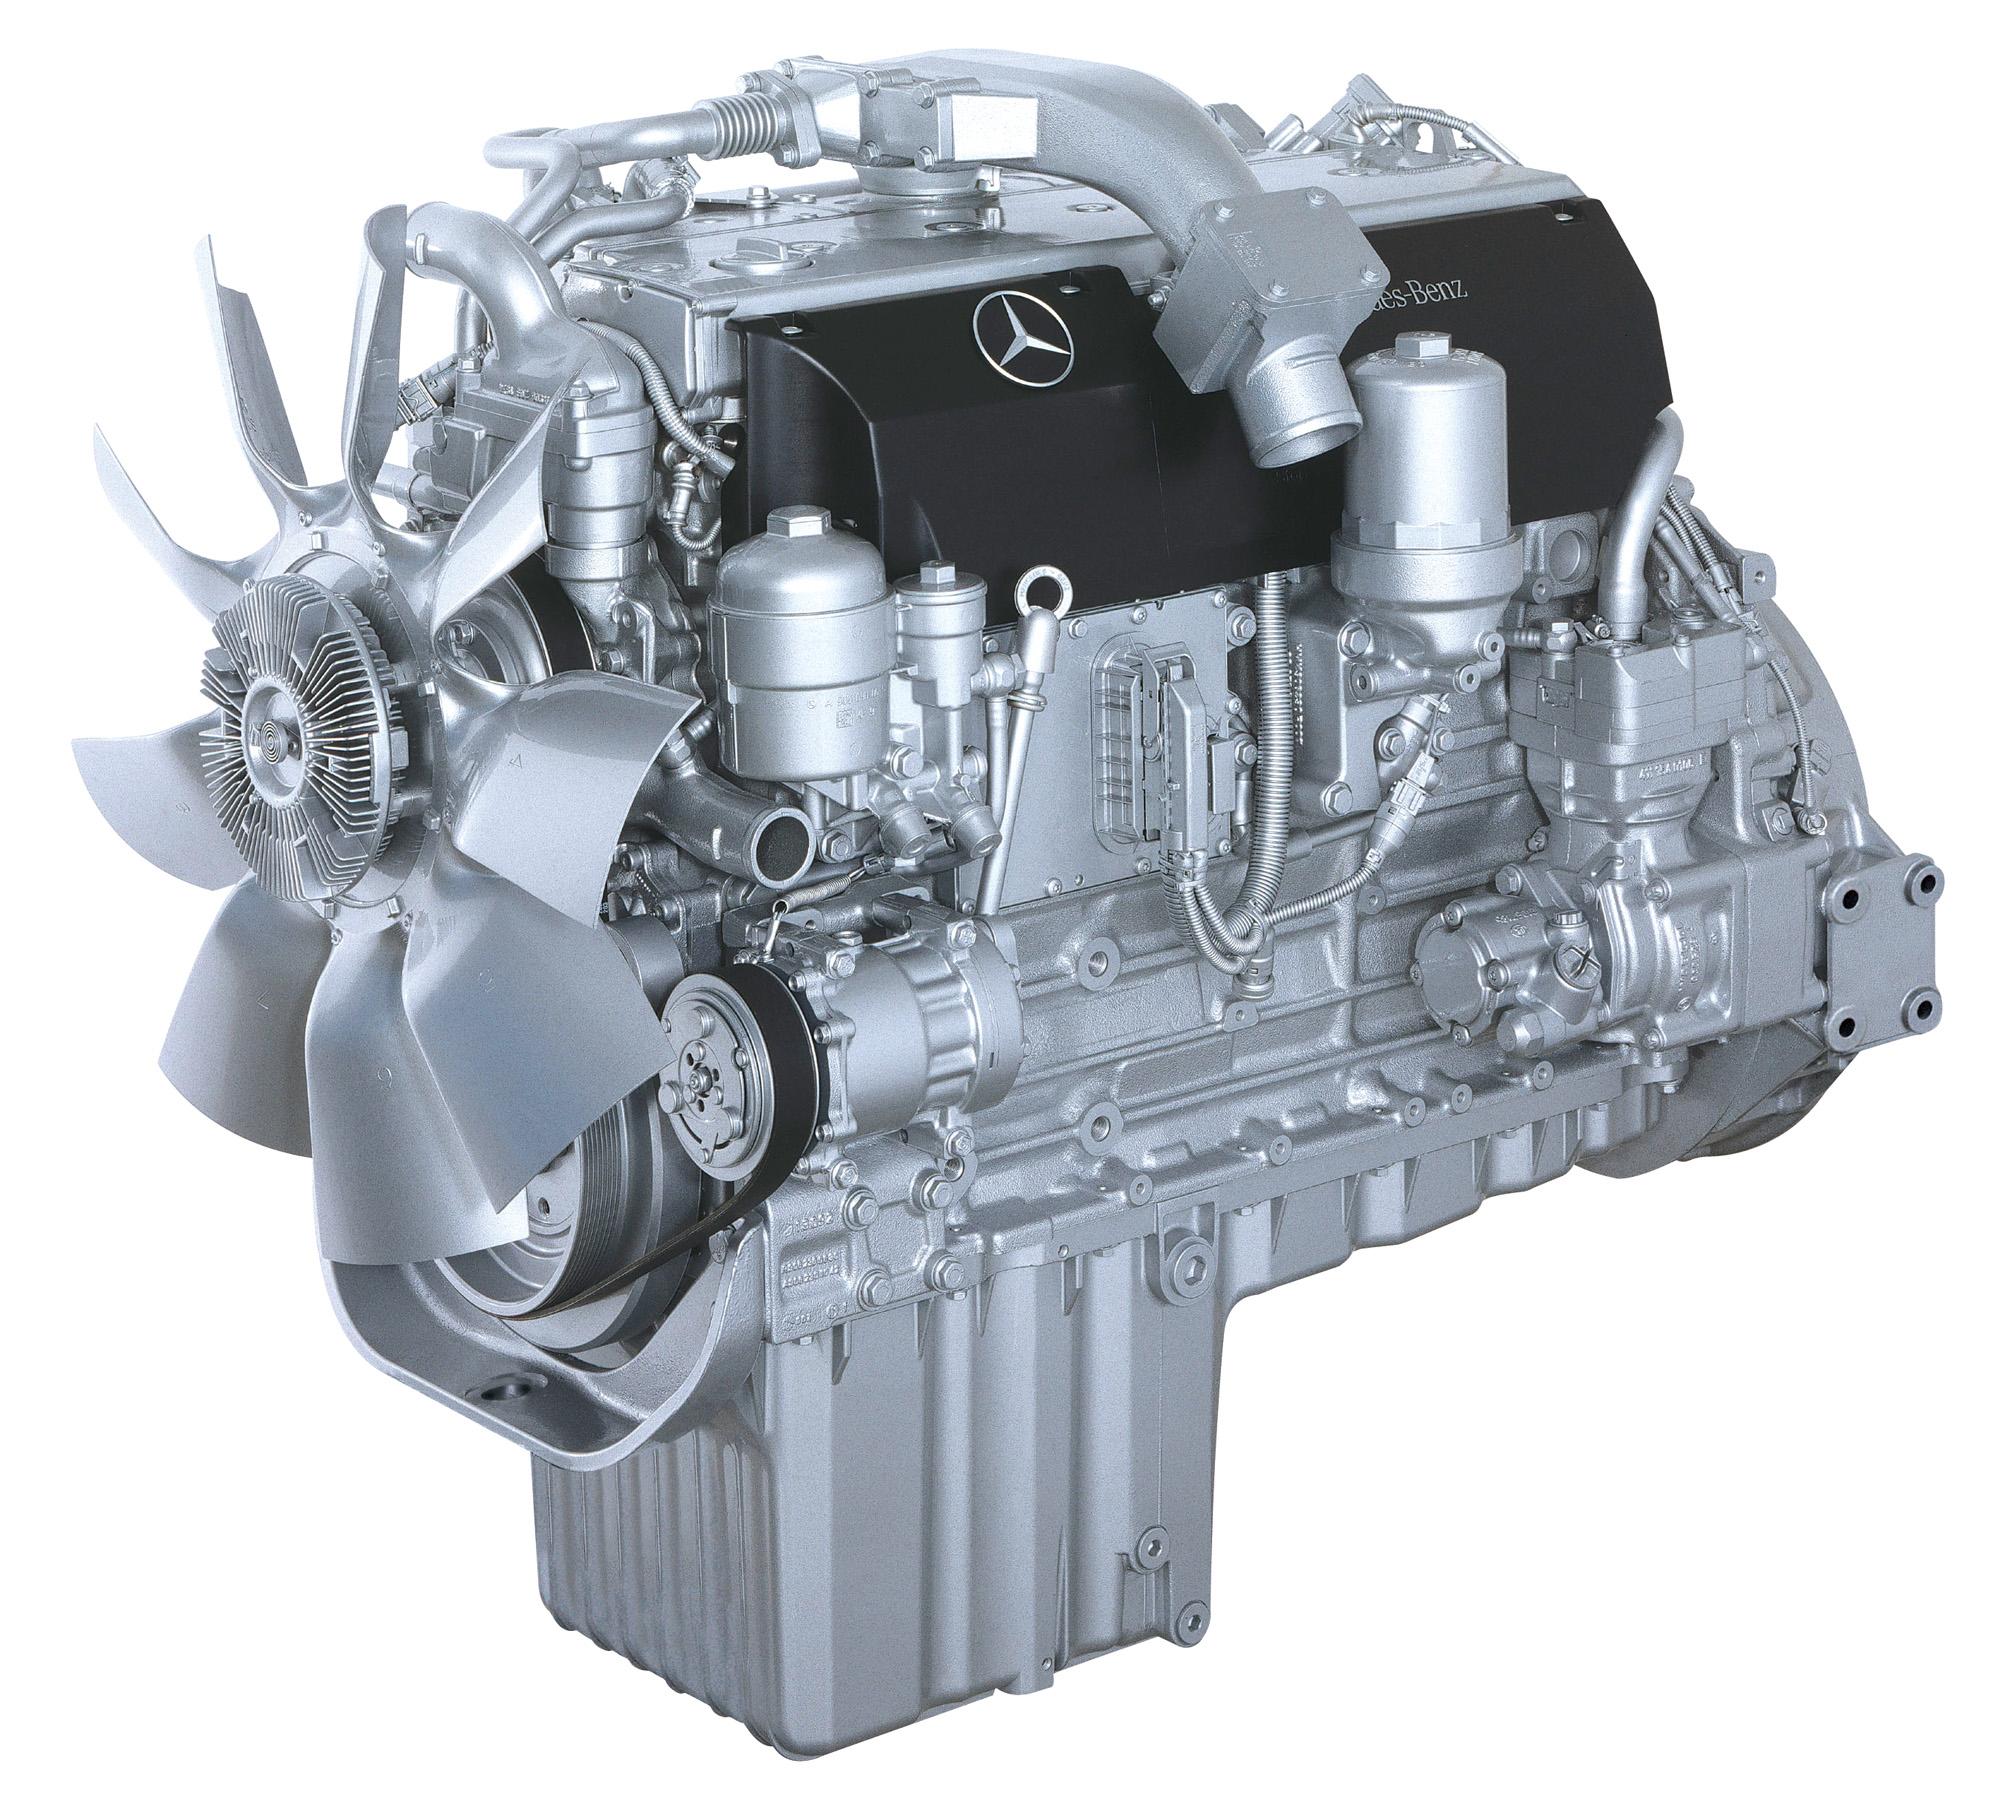 Detroit Diesel Announces The MBE 900 Reliabilt® Engine